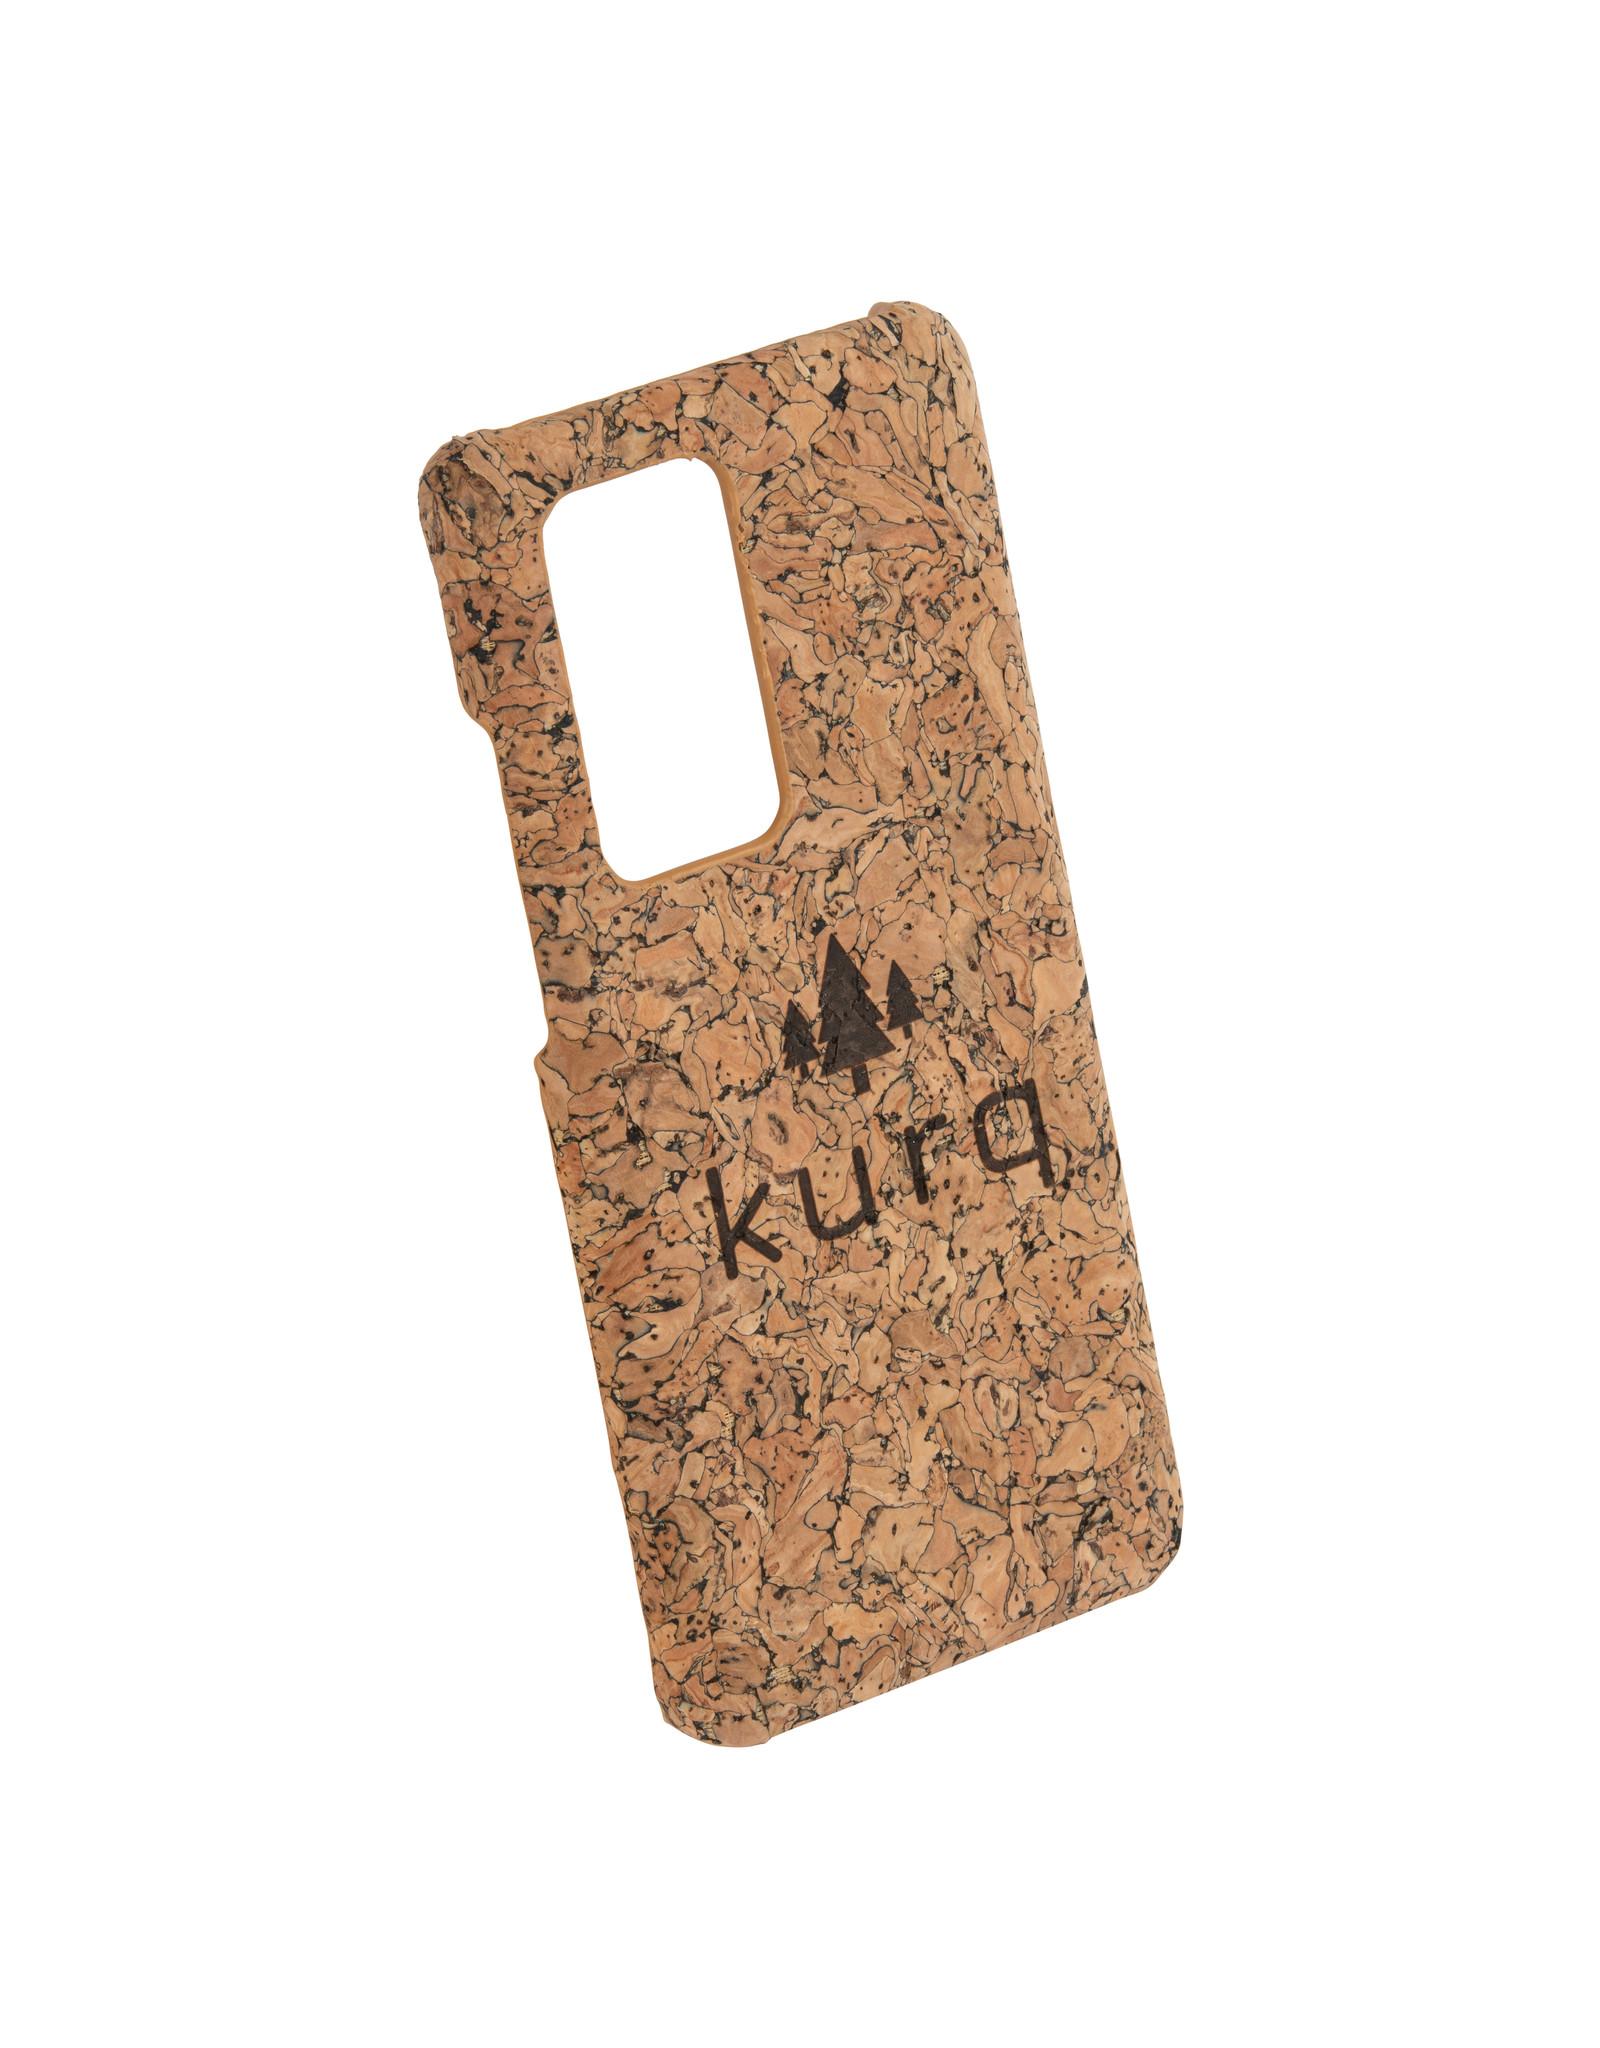 KURQ - Kurk telefoonhoesje voor Huawei P40 Pro